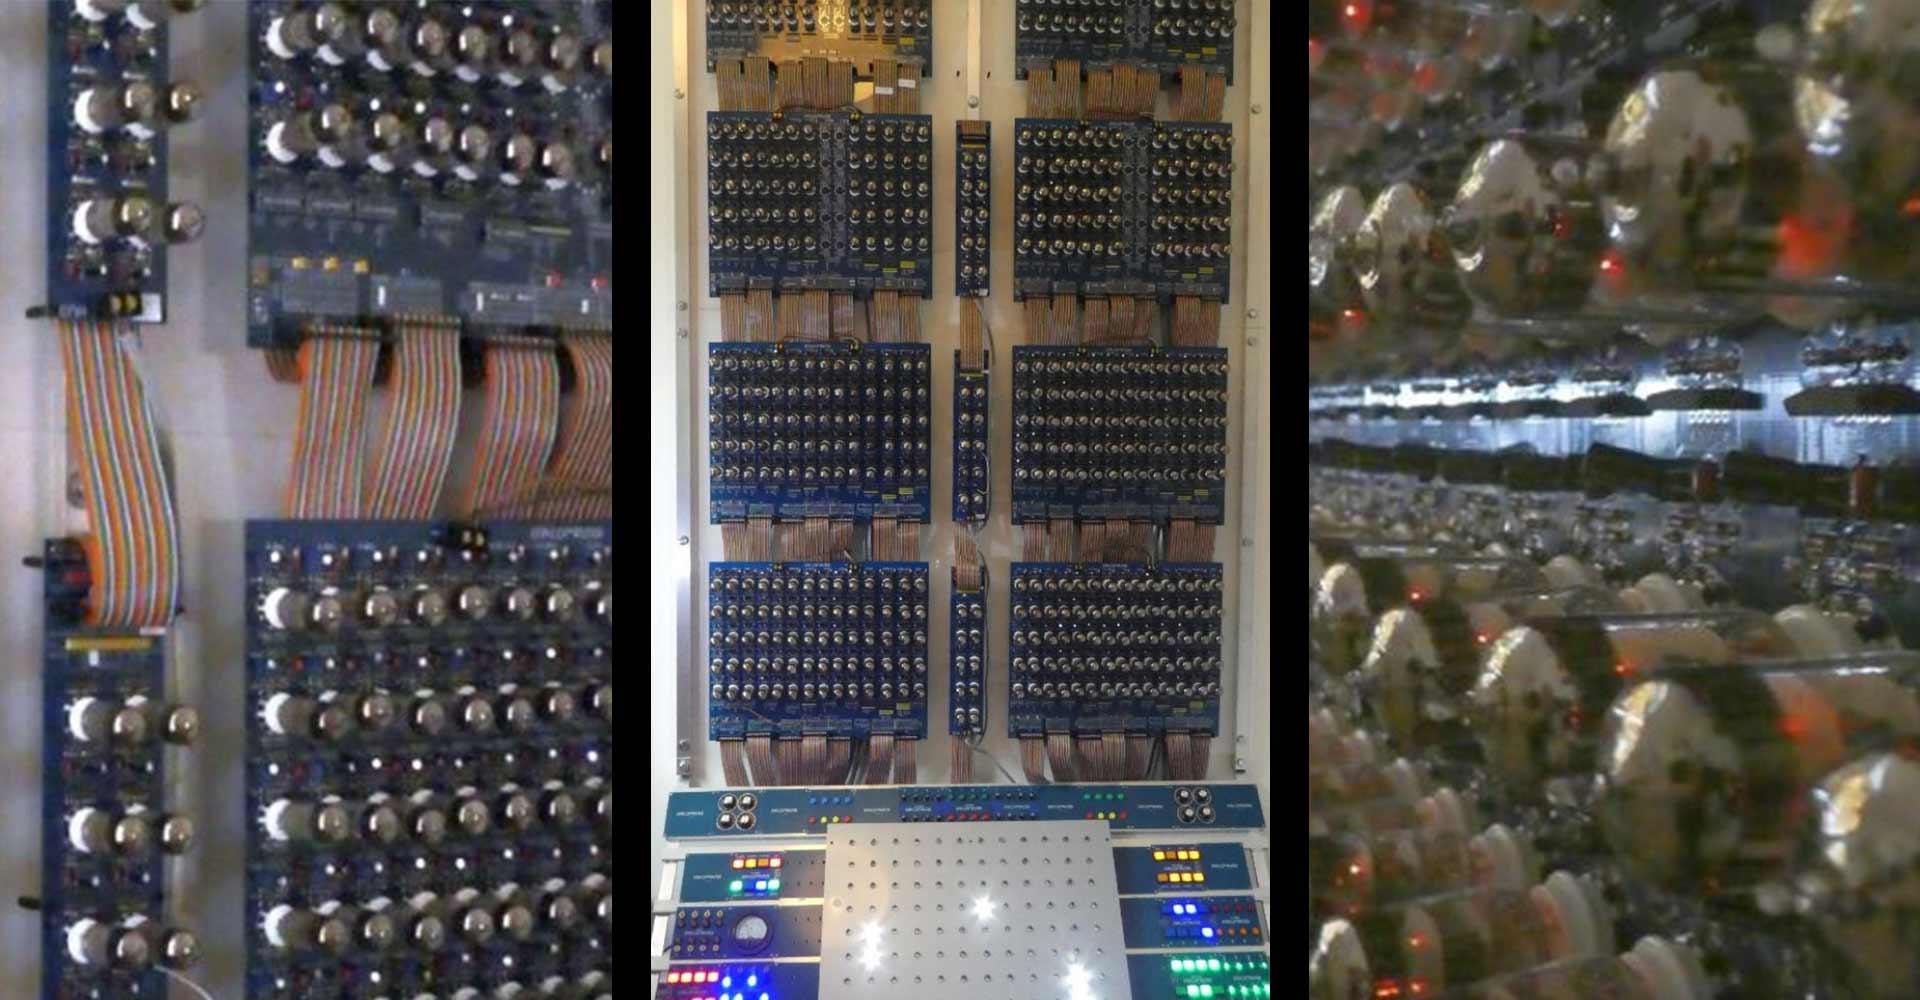 Elektronikbastler baut 50er Jahre-Computer nach